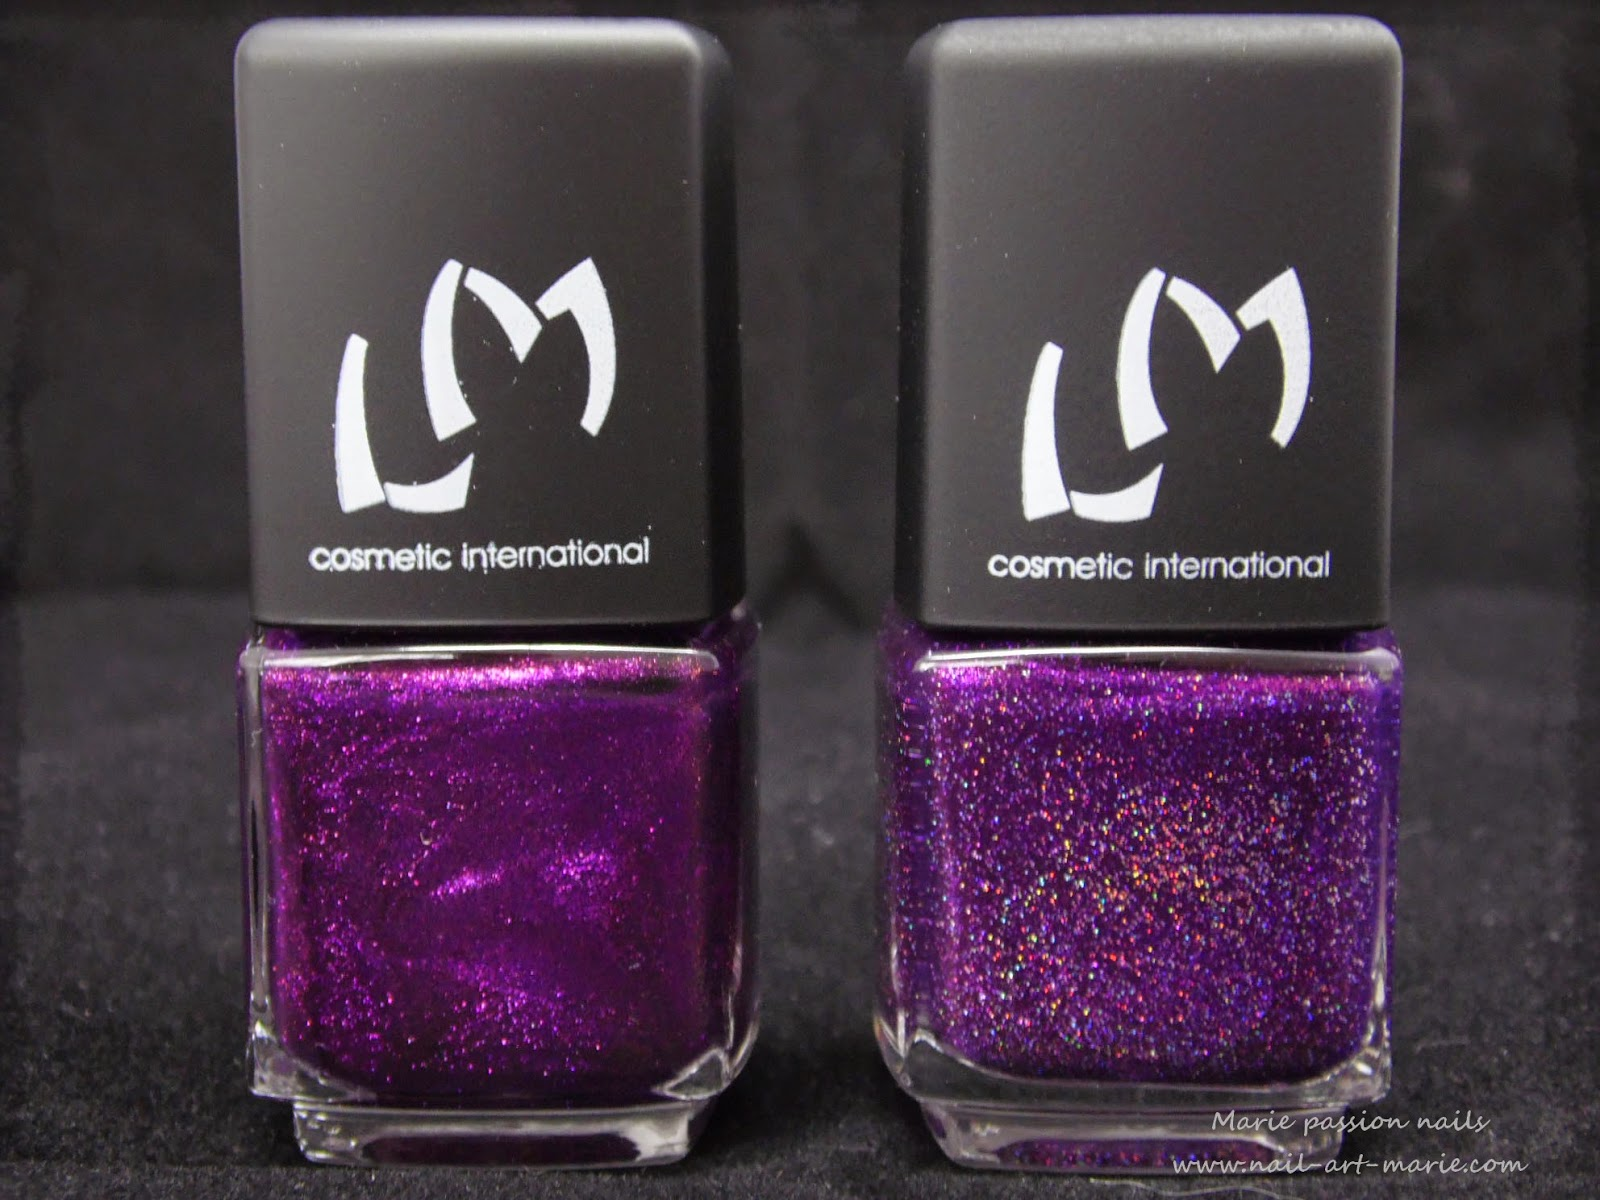 LM Cosmetic Envoûtement Galactique5